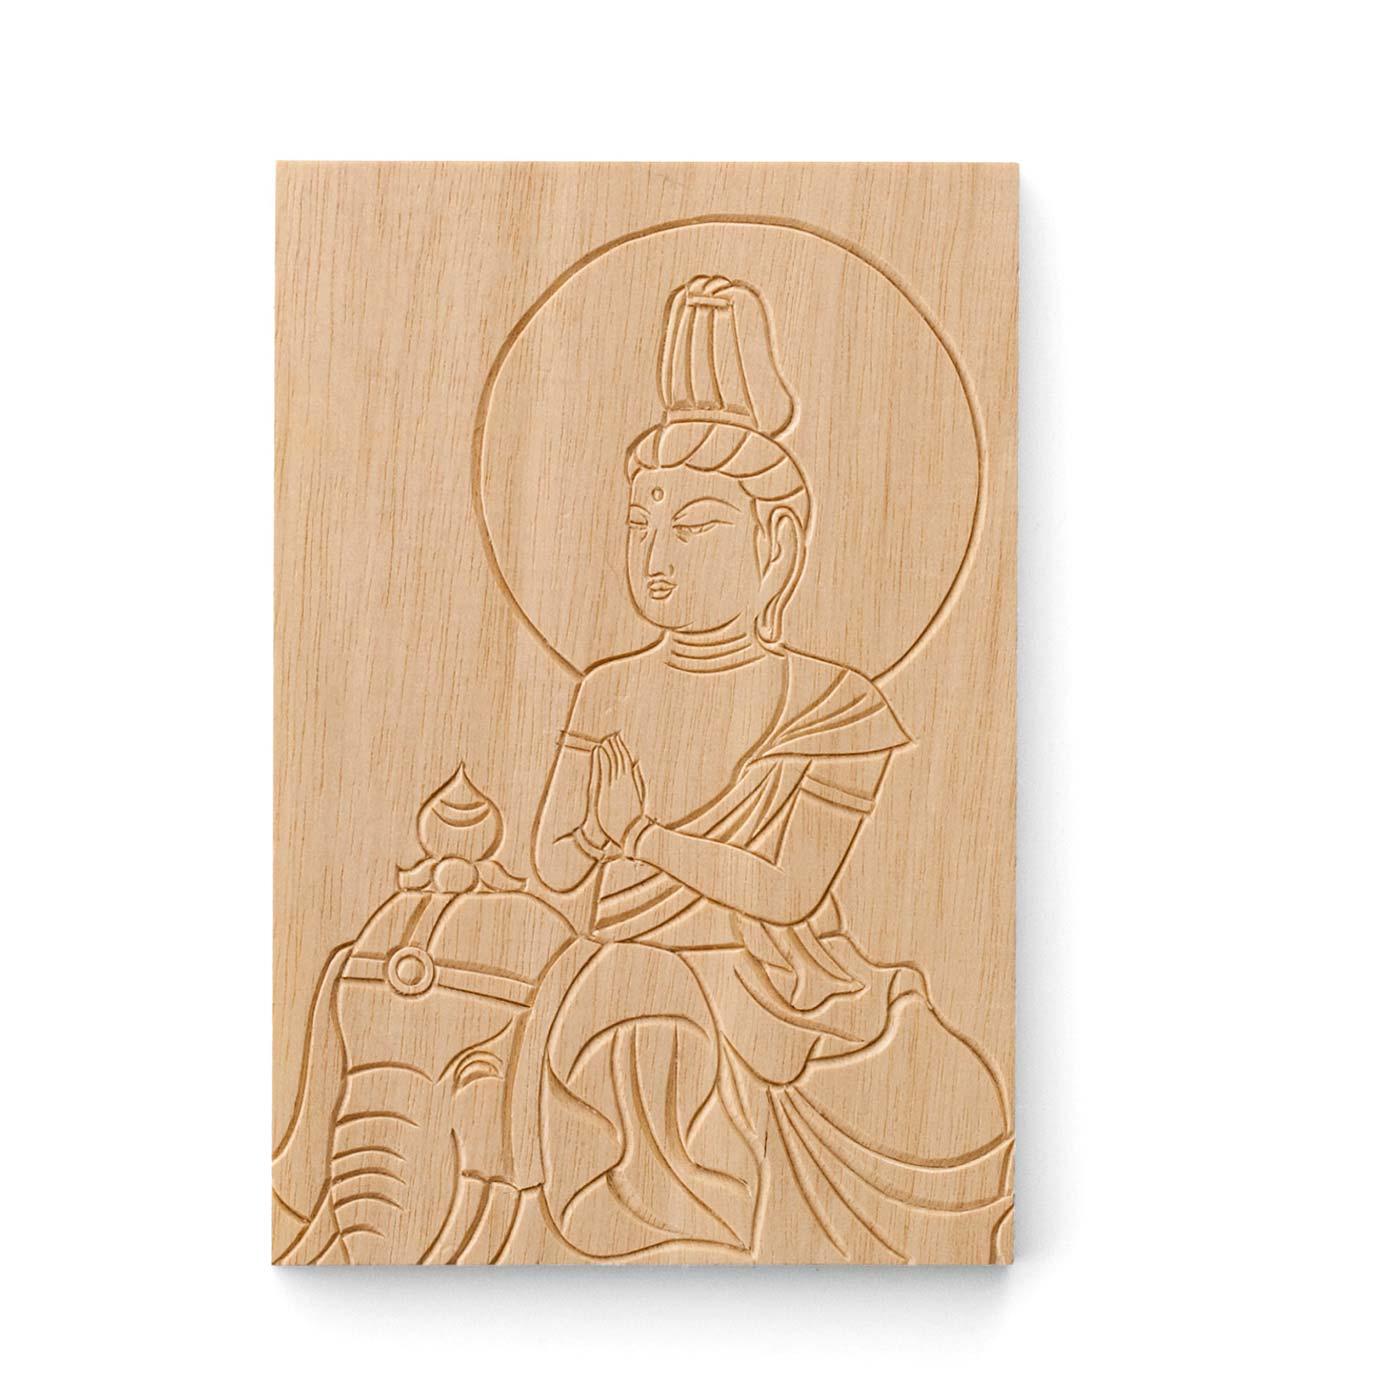 普賢(ふげん)菩薩 女人救済の菩薩さま